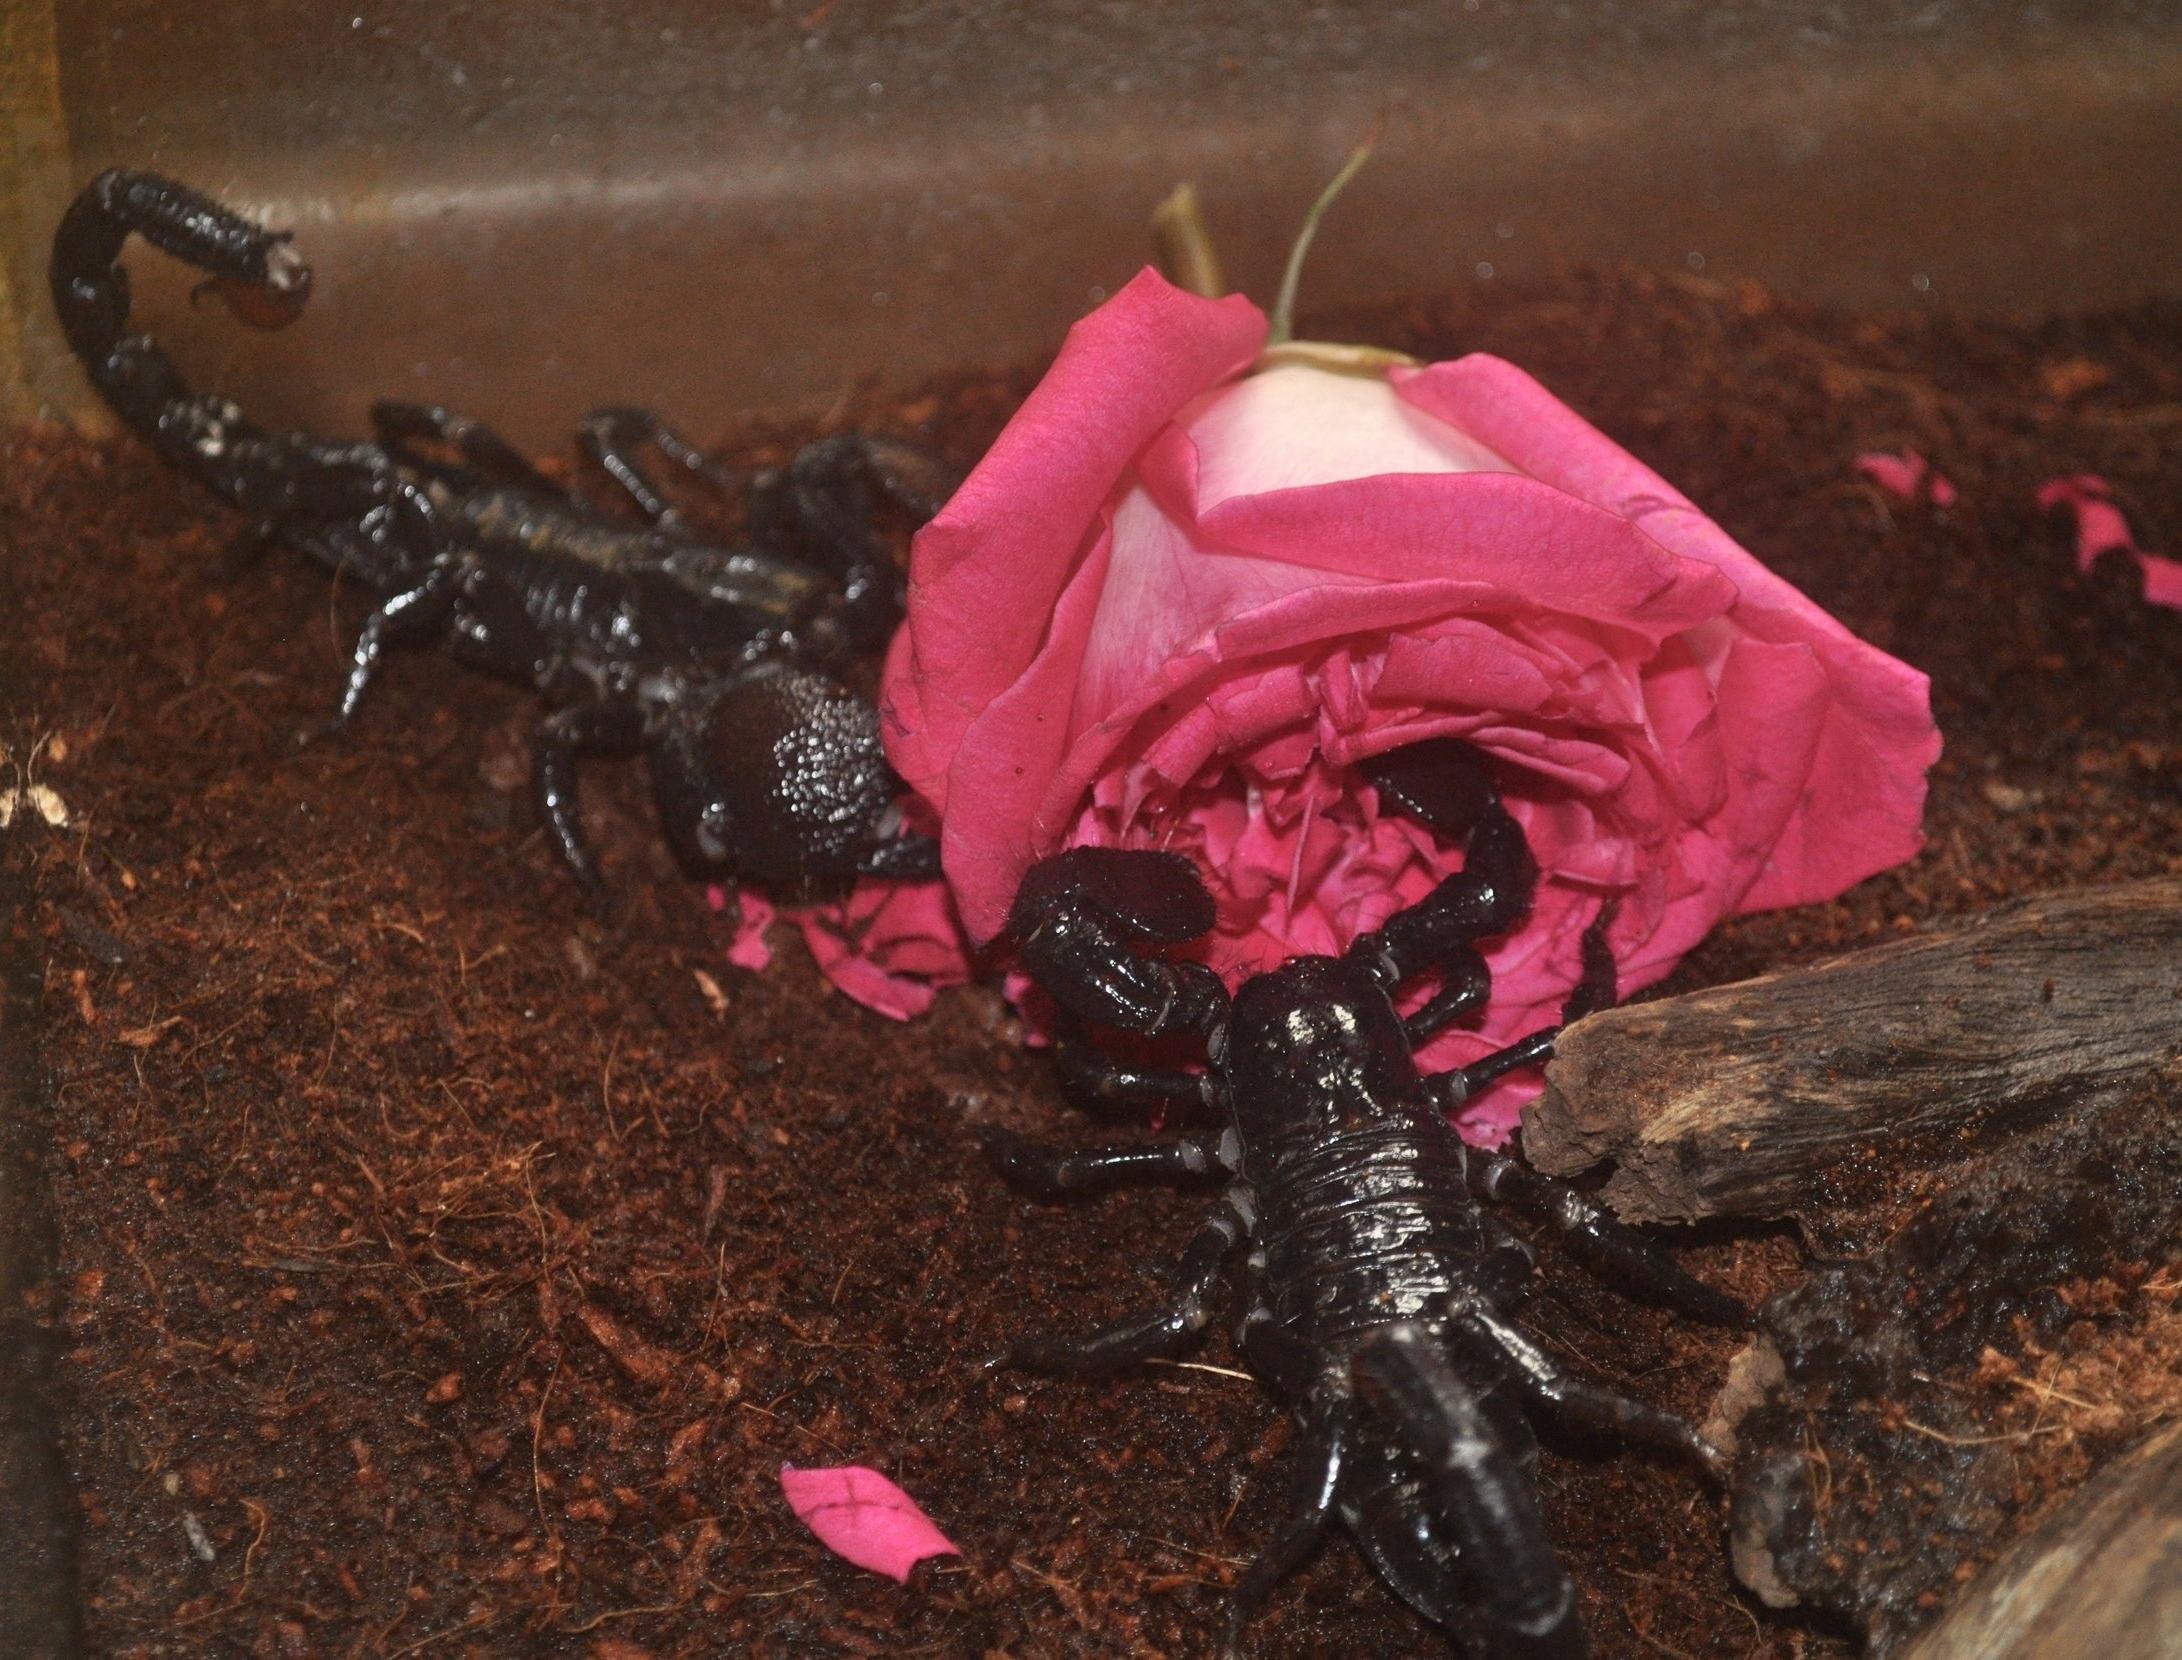 Scorpion 1.jpg